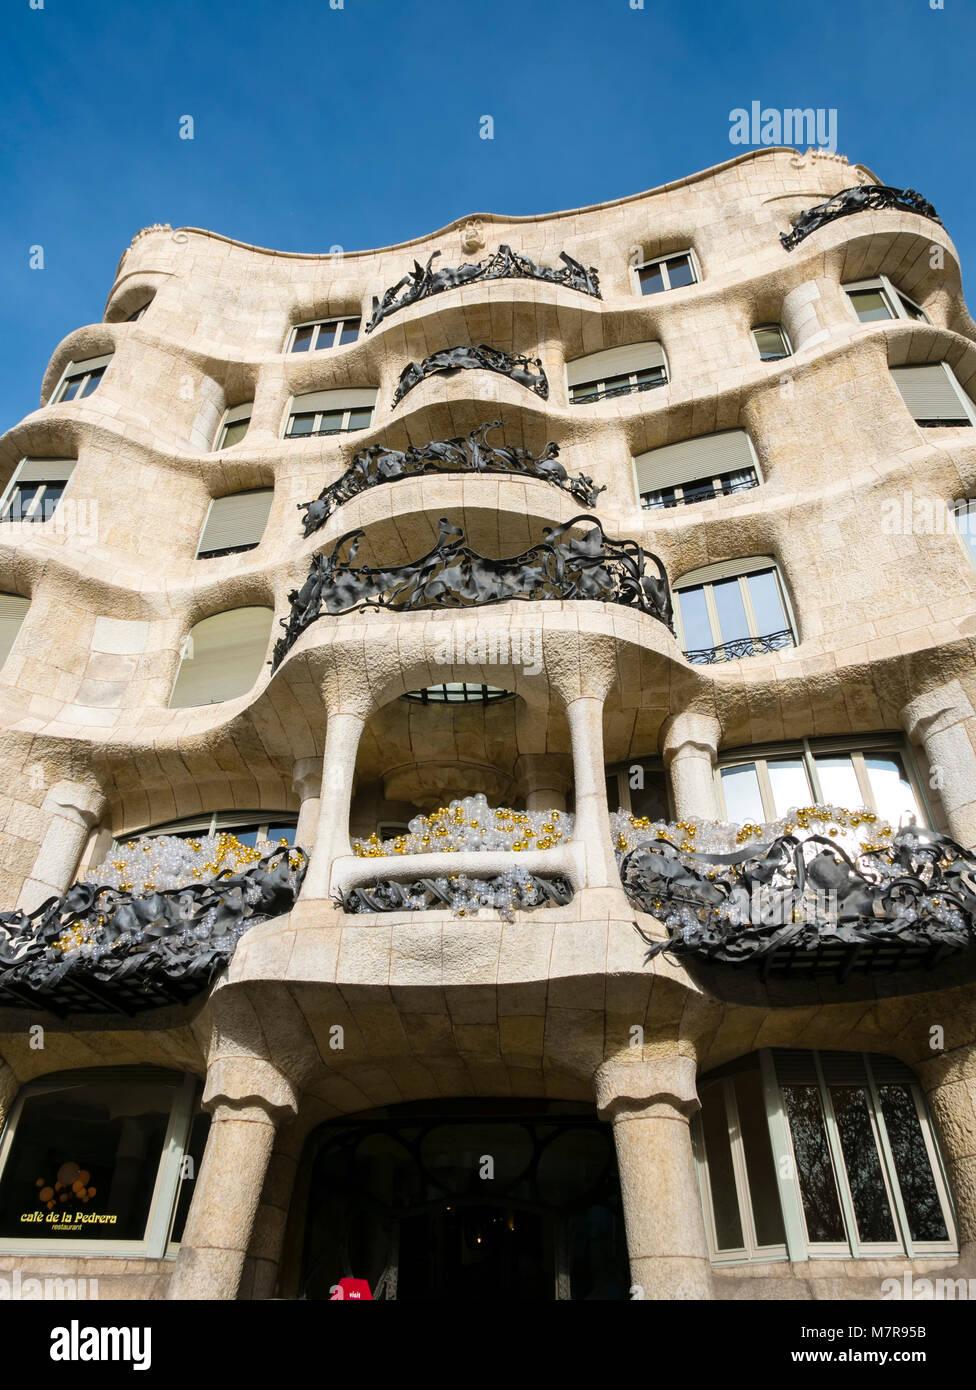 Casa Mila (La Pedrera), Barcellona, in Catalogna, Spagna. Immagini Stock